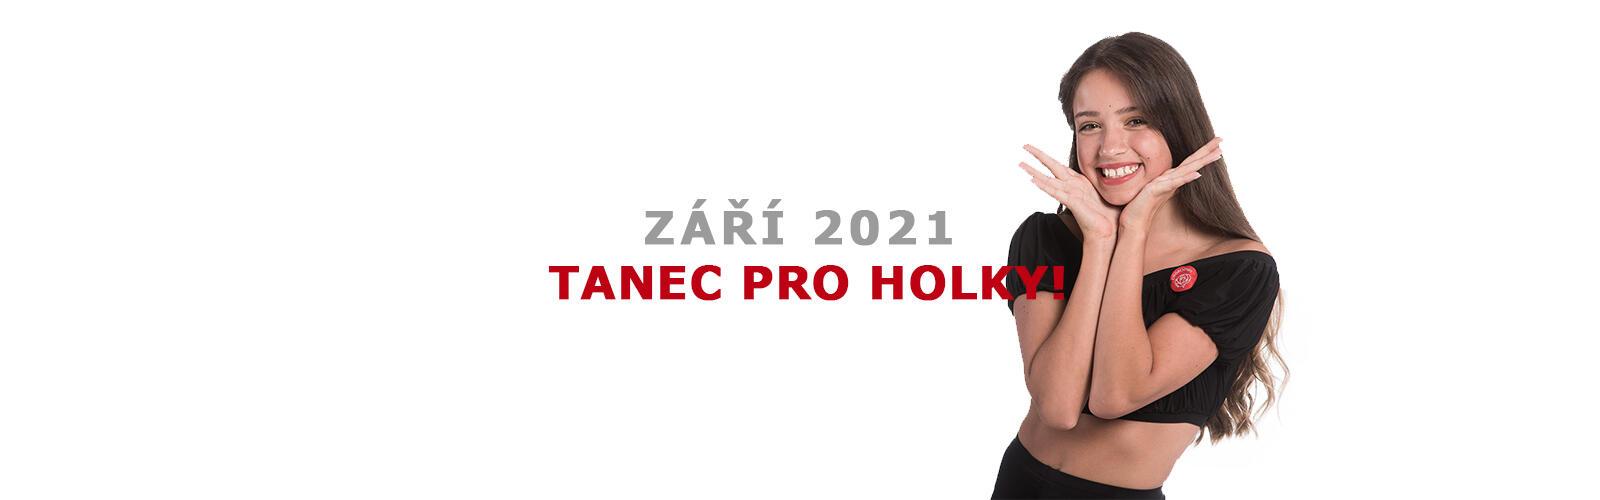 Taneční kurzy pro děti, ženy, páry v Mladé Boleslavi a Bakově nad Jizerou | Taneční škola COOL DANCE